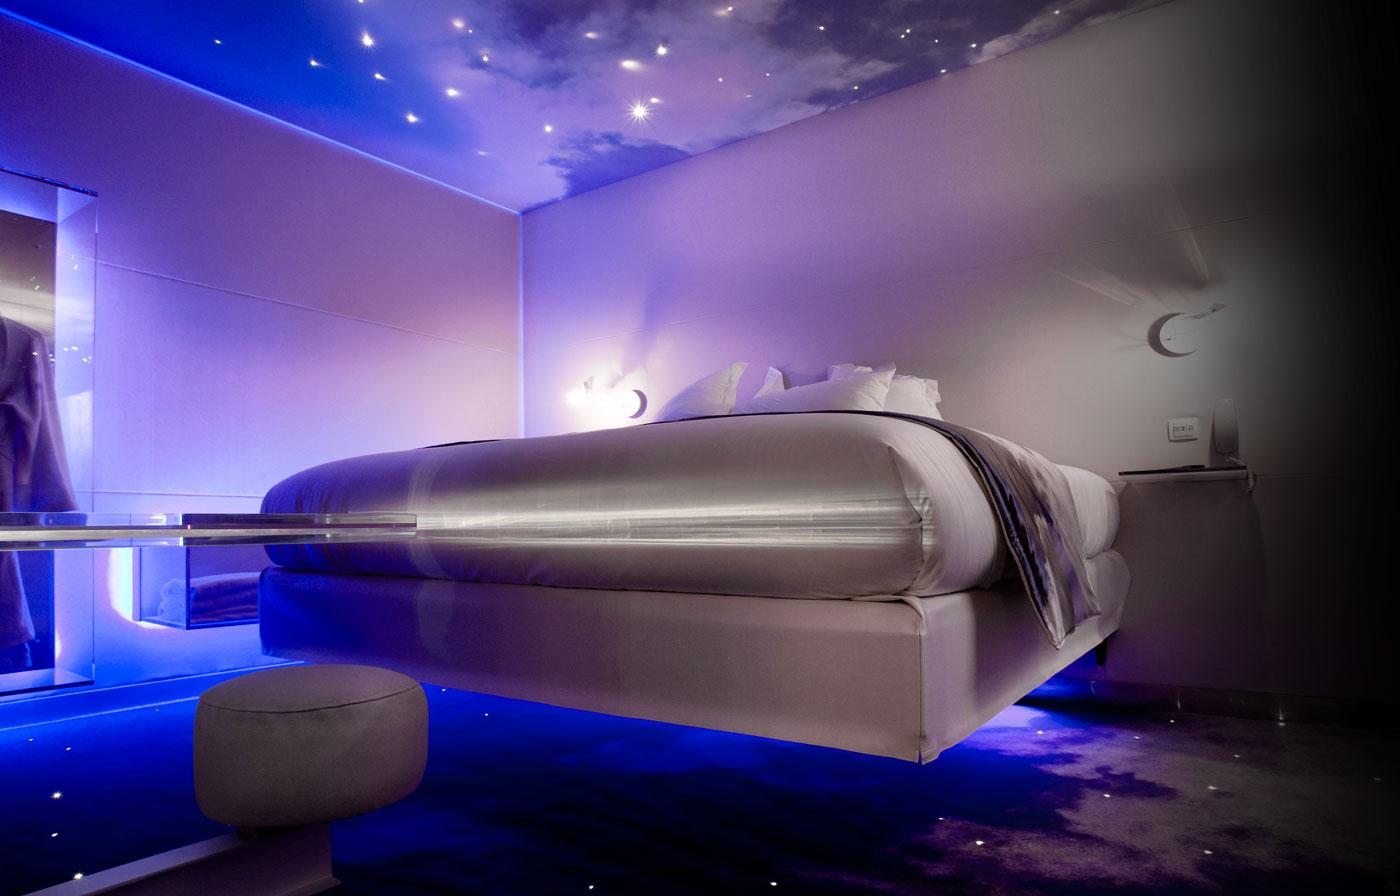 Camere Da Letto Piu Belle Del Mondo gli hotel dei miei desideri | tintipatravels